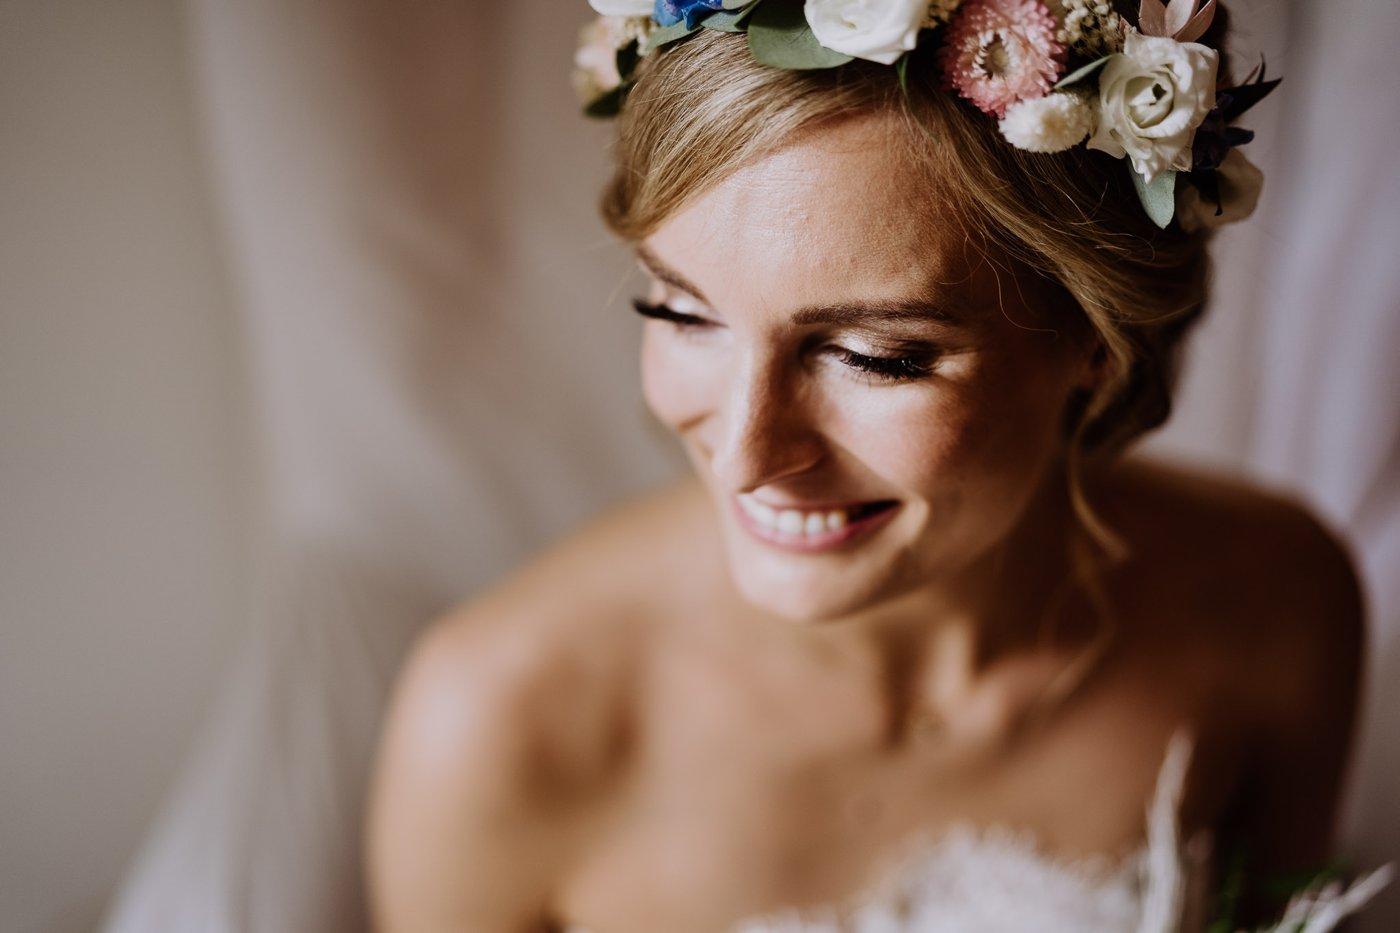 Kommentar hinterlassen Hochzeitsmakeup Mandy Klimt